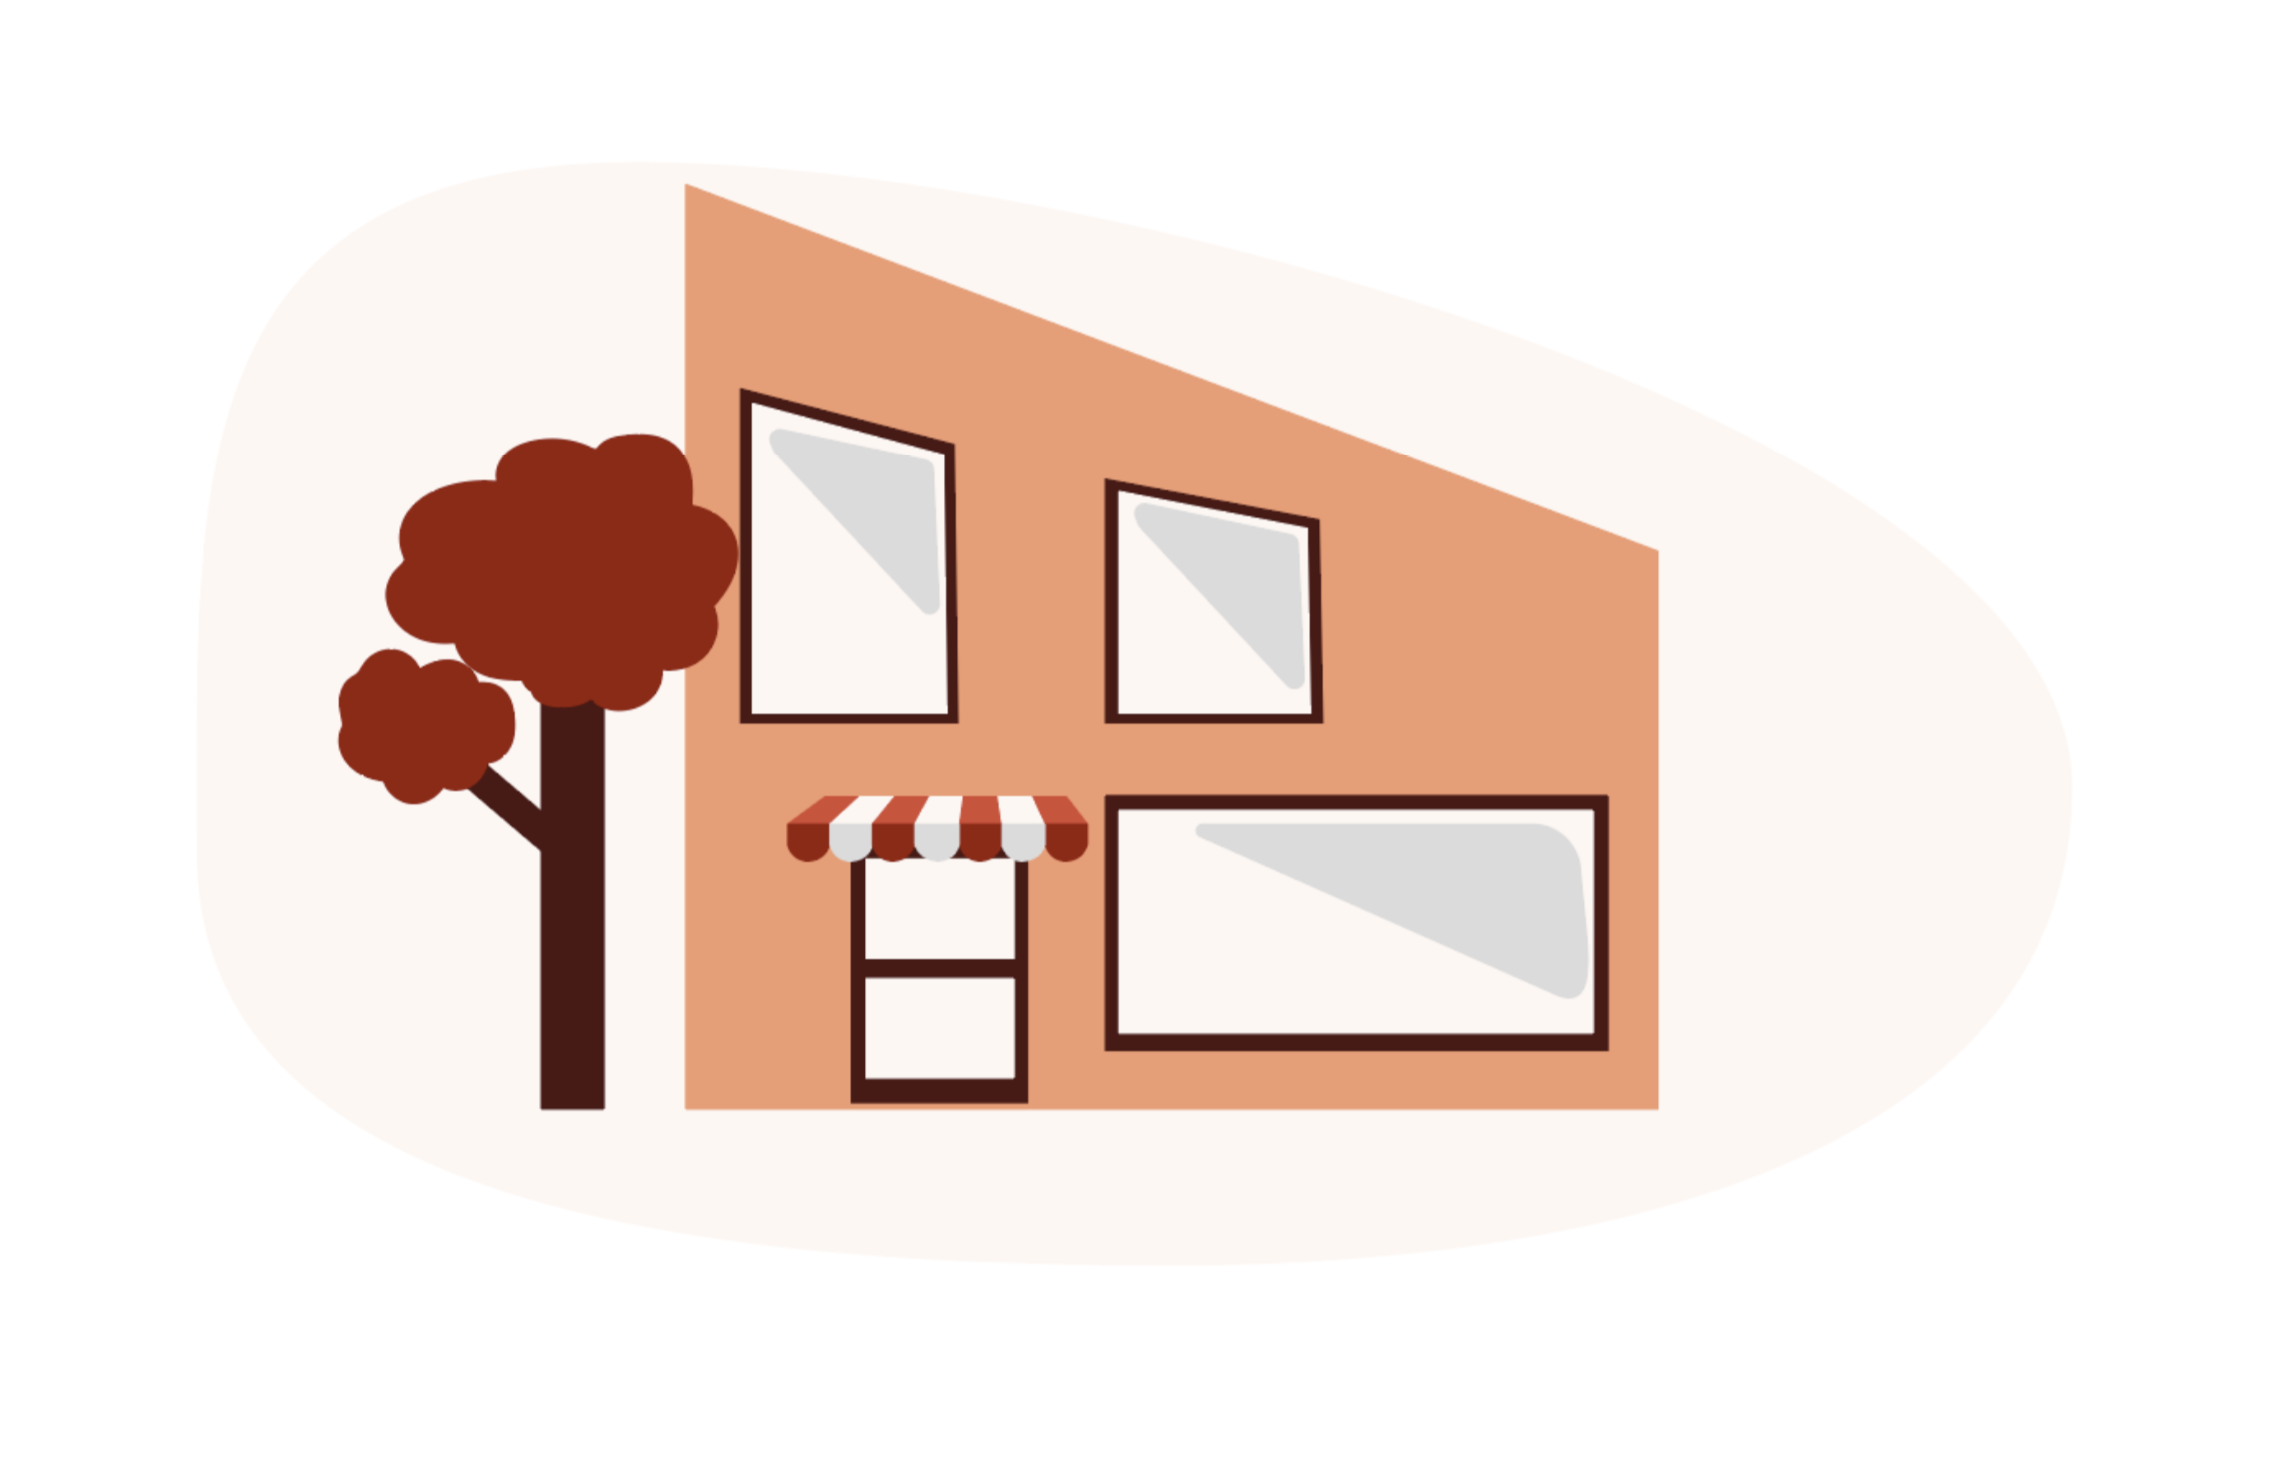 Posten butikk konsept